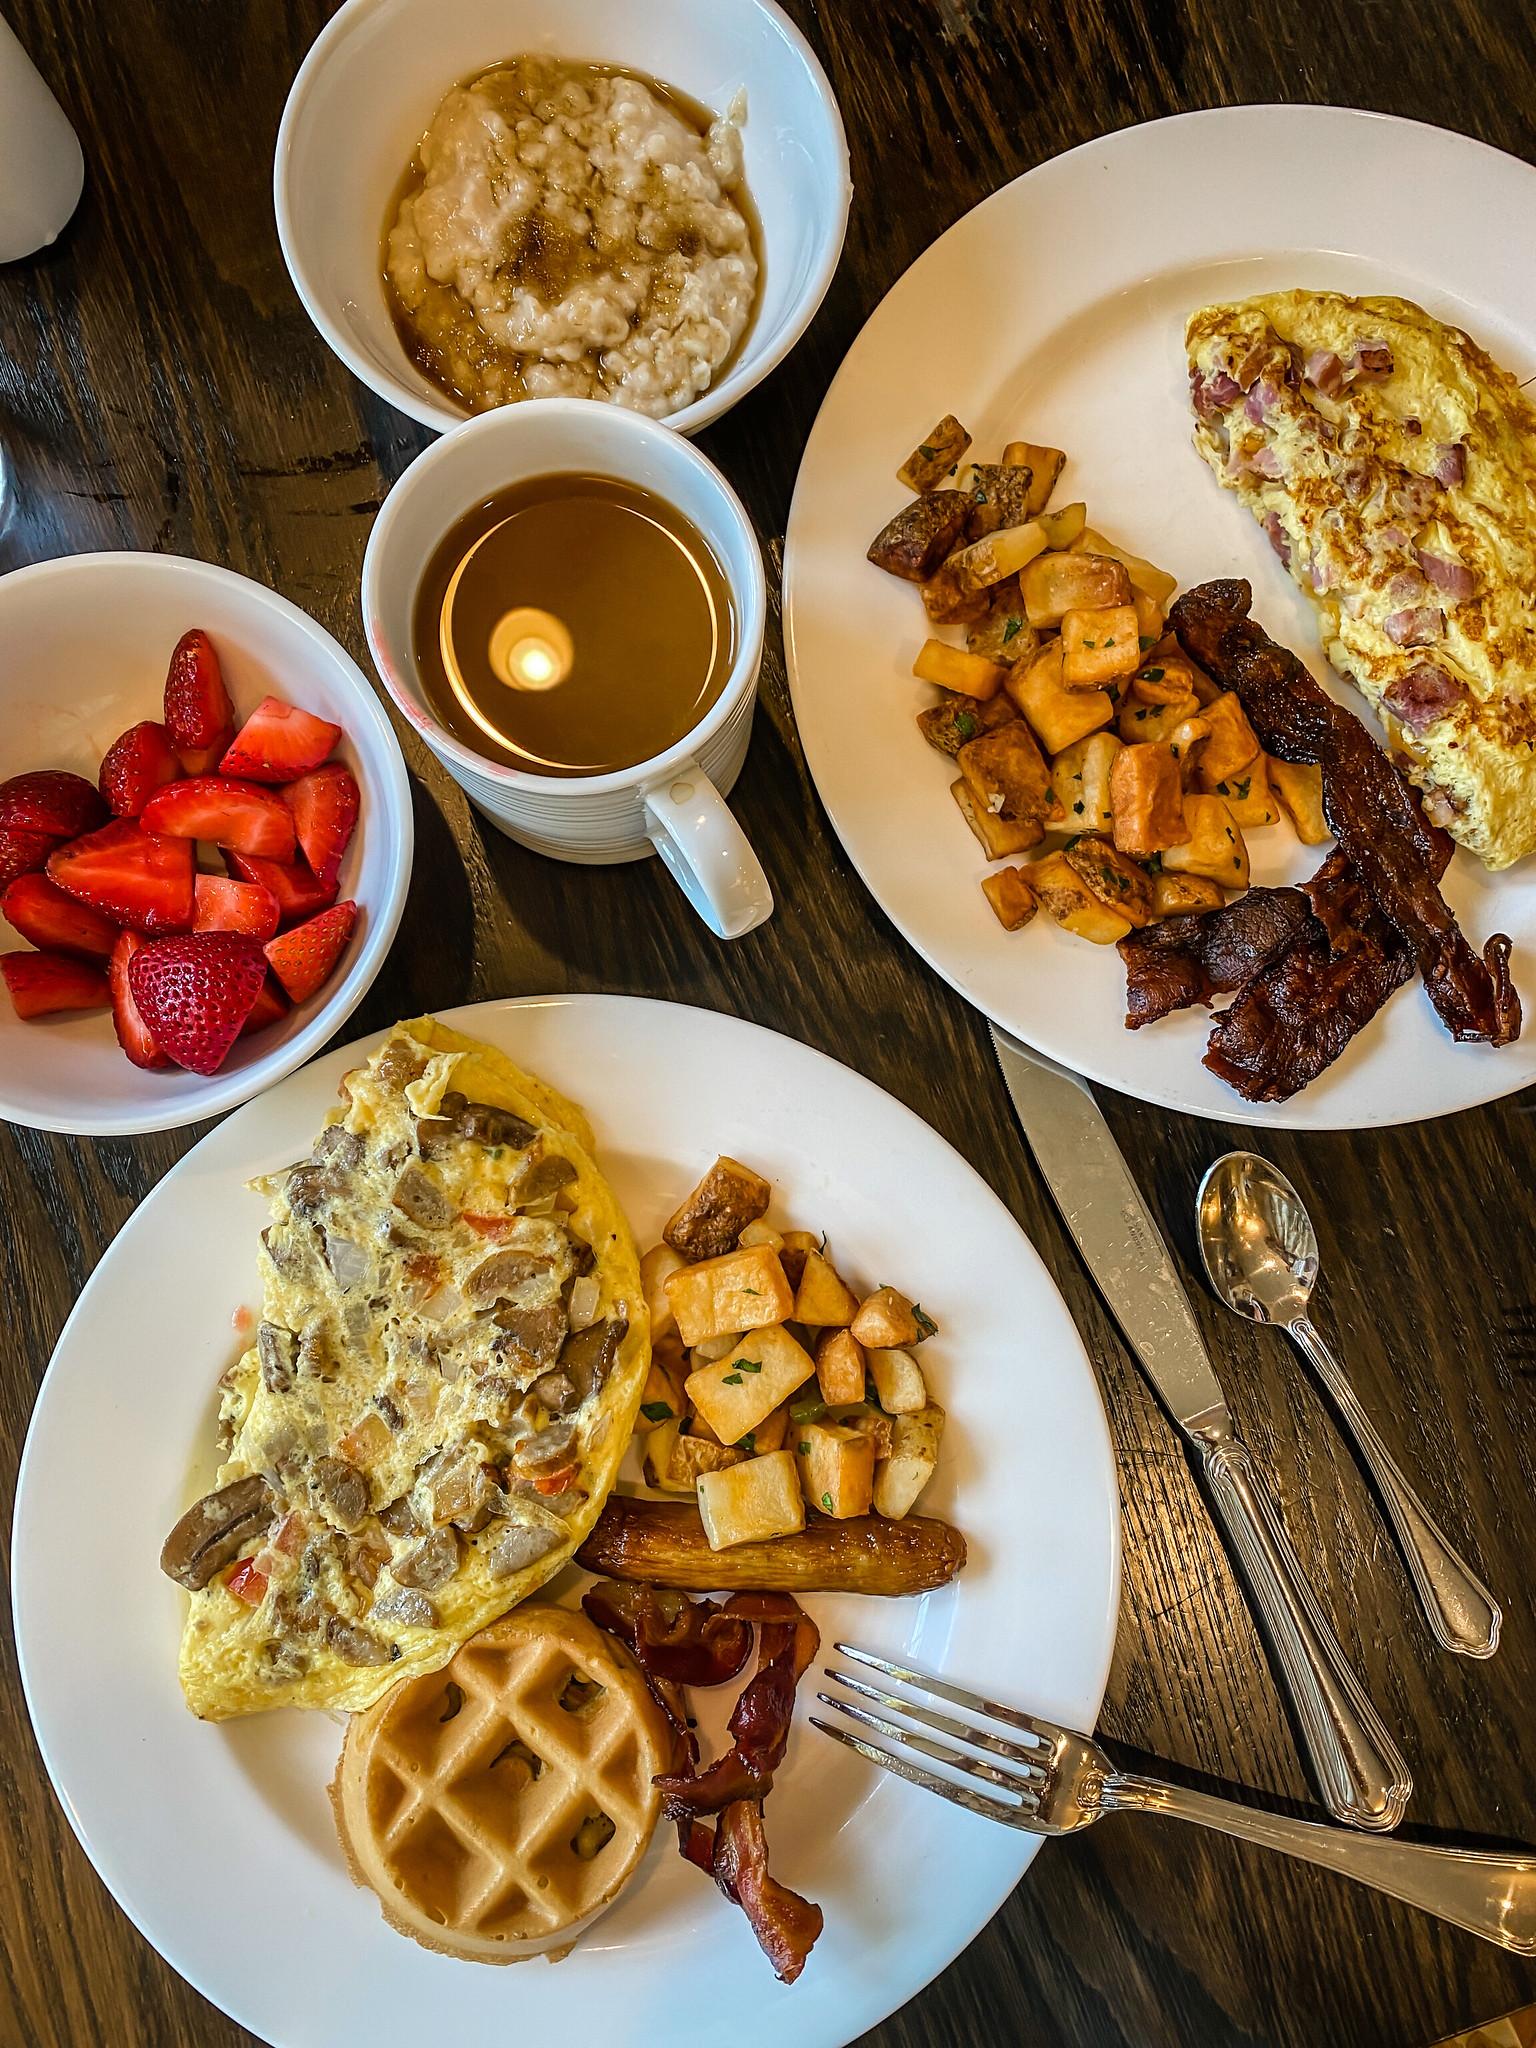 Breakfast at La Bella Vita